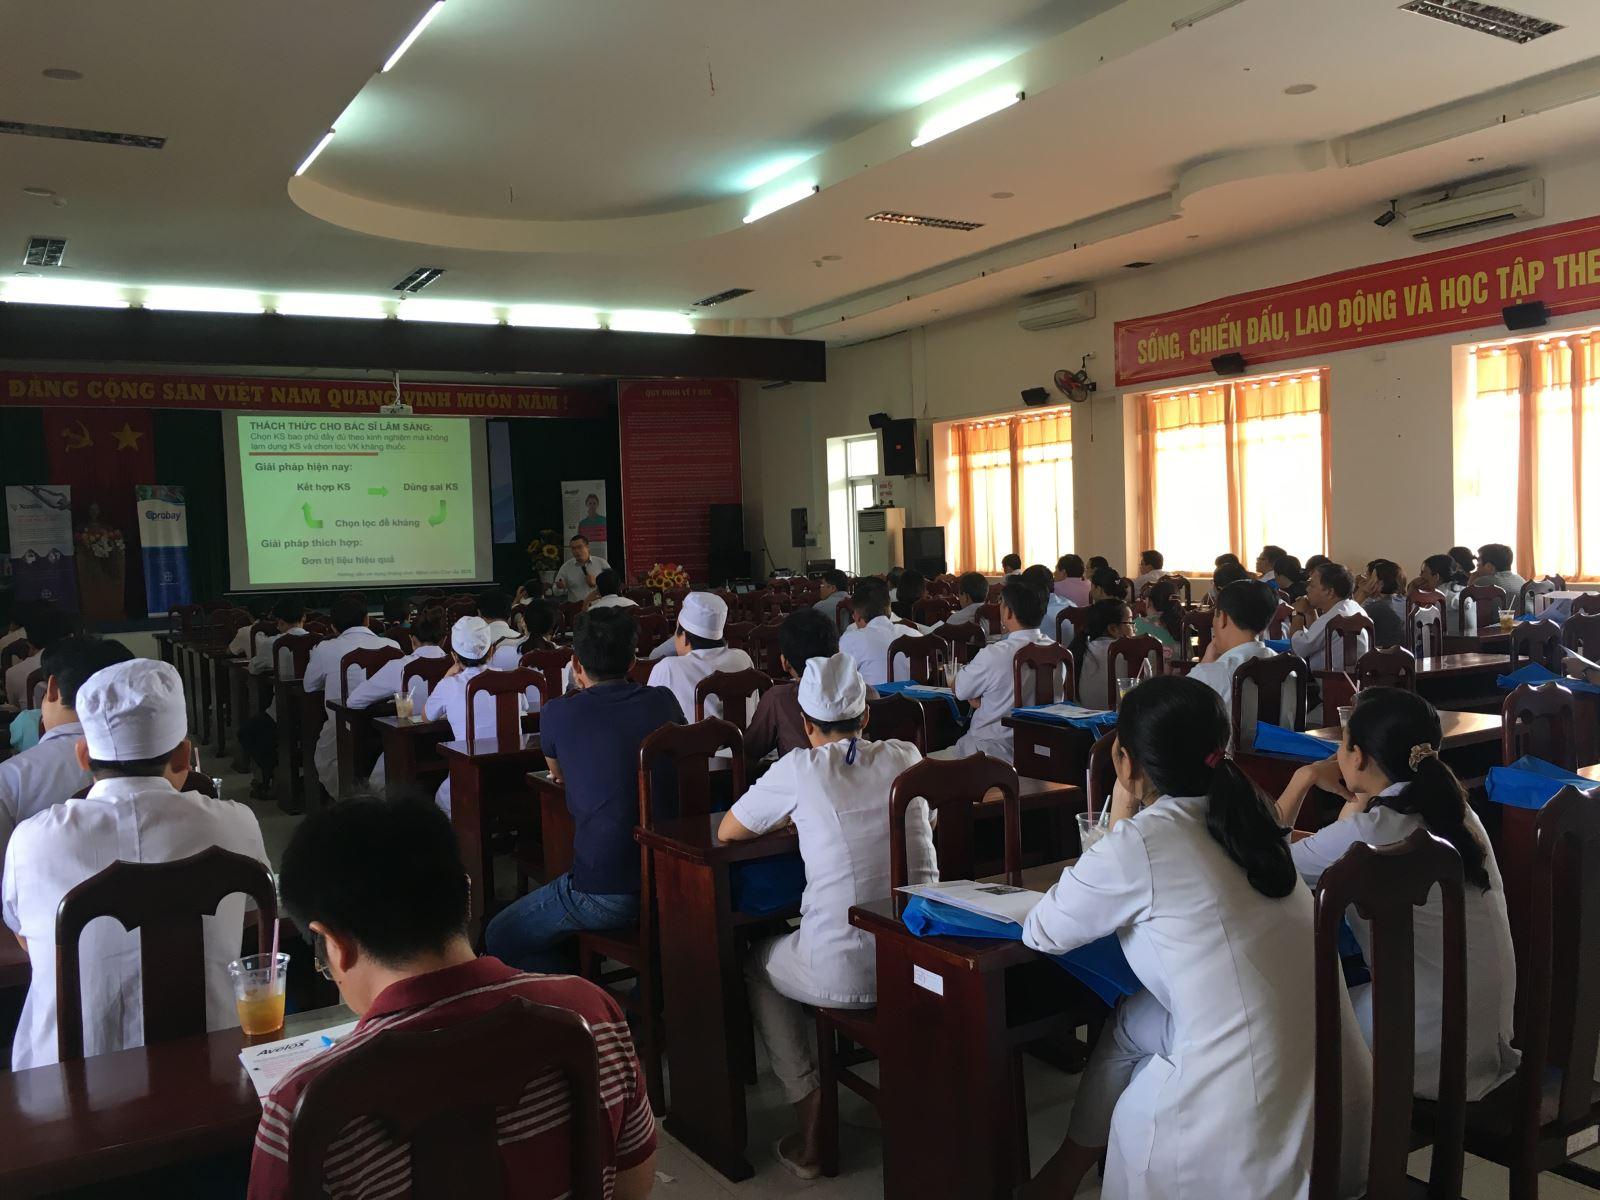 Tập huấn tại Bệnh viện Đa khoa tỉnh Kiên Giang